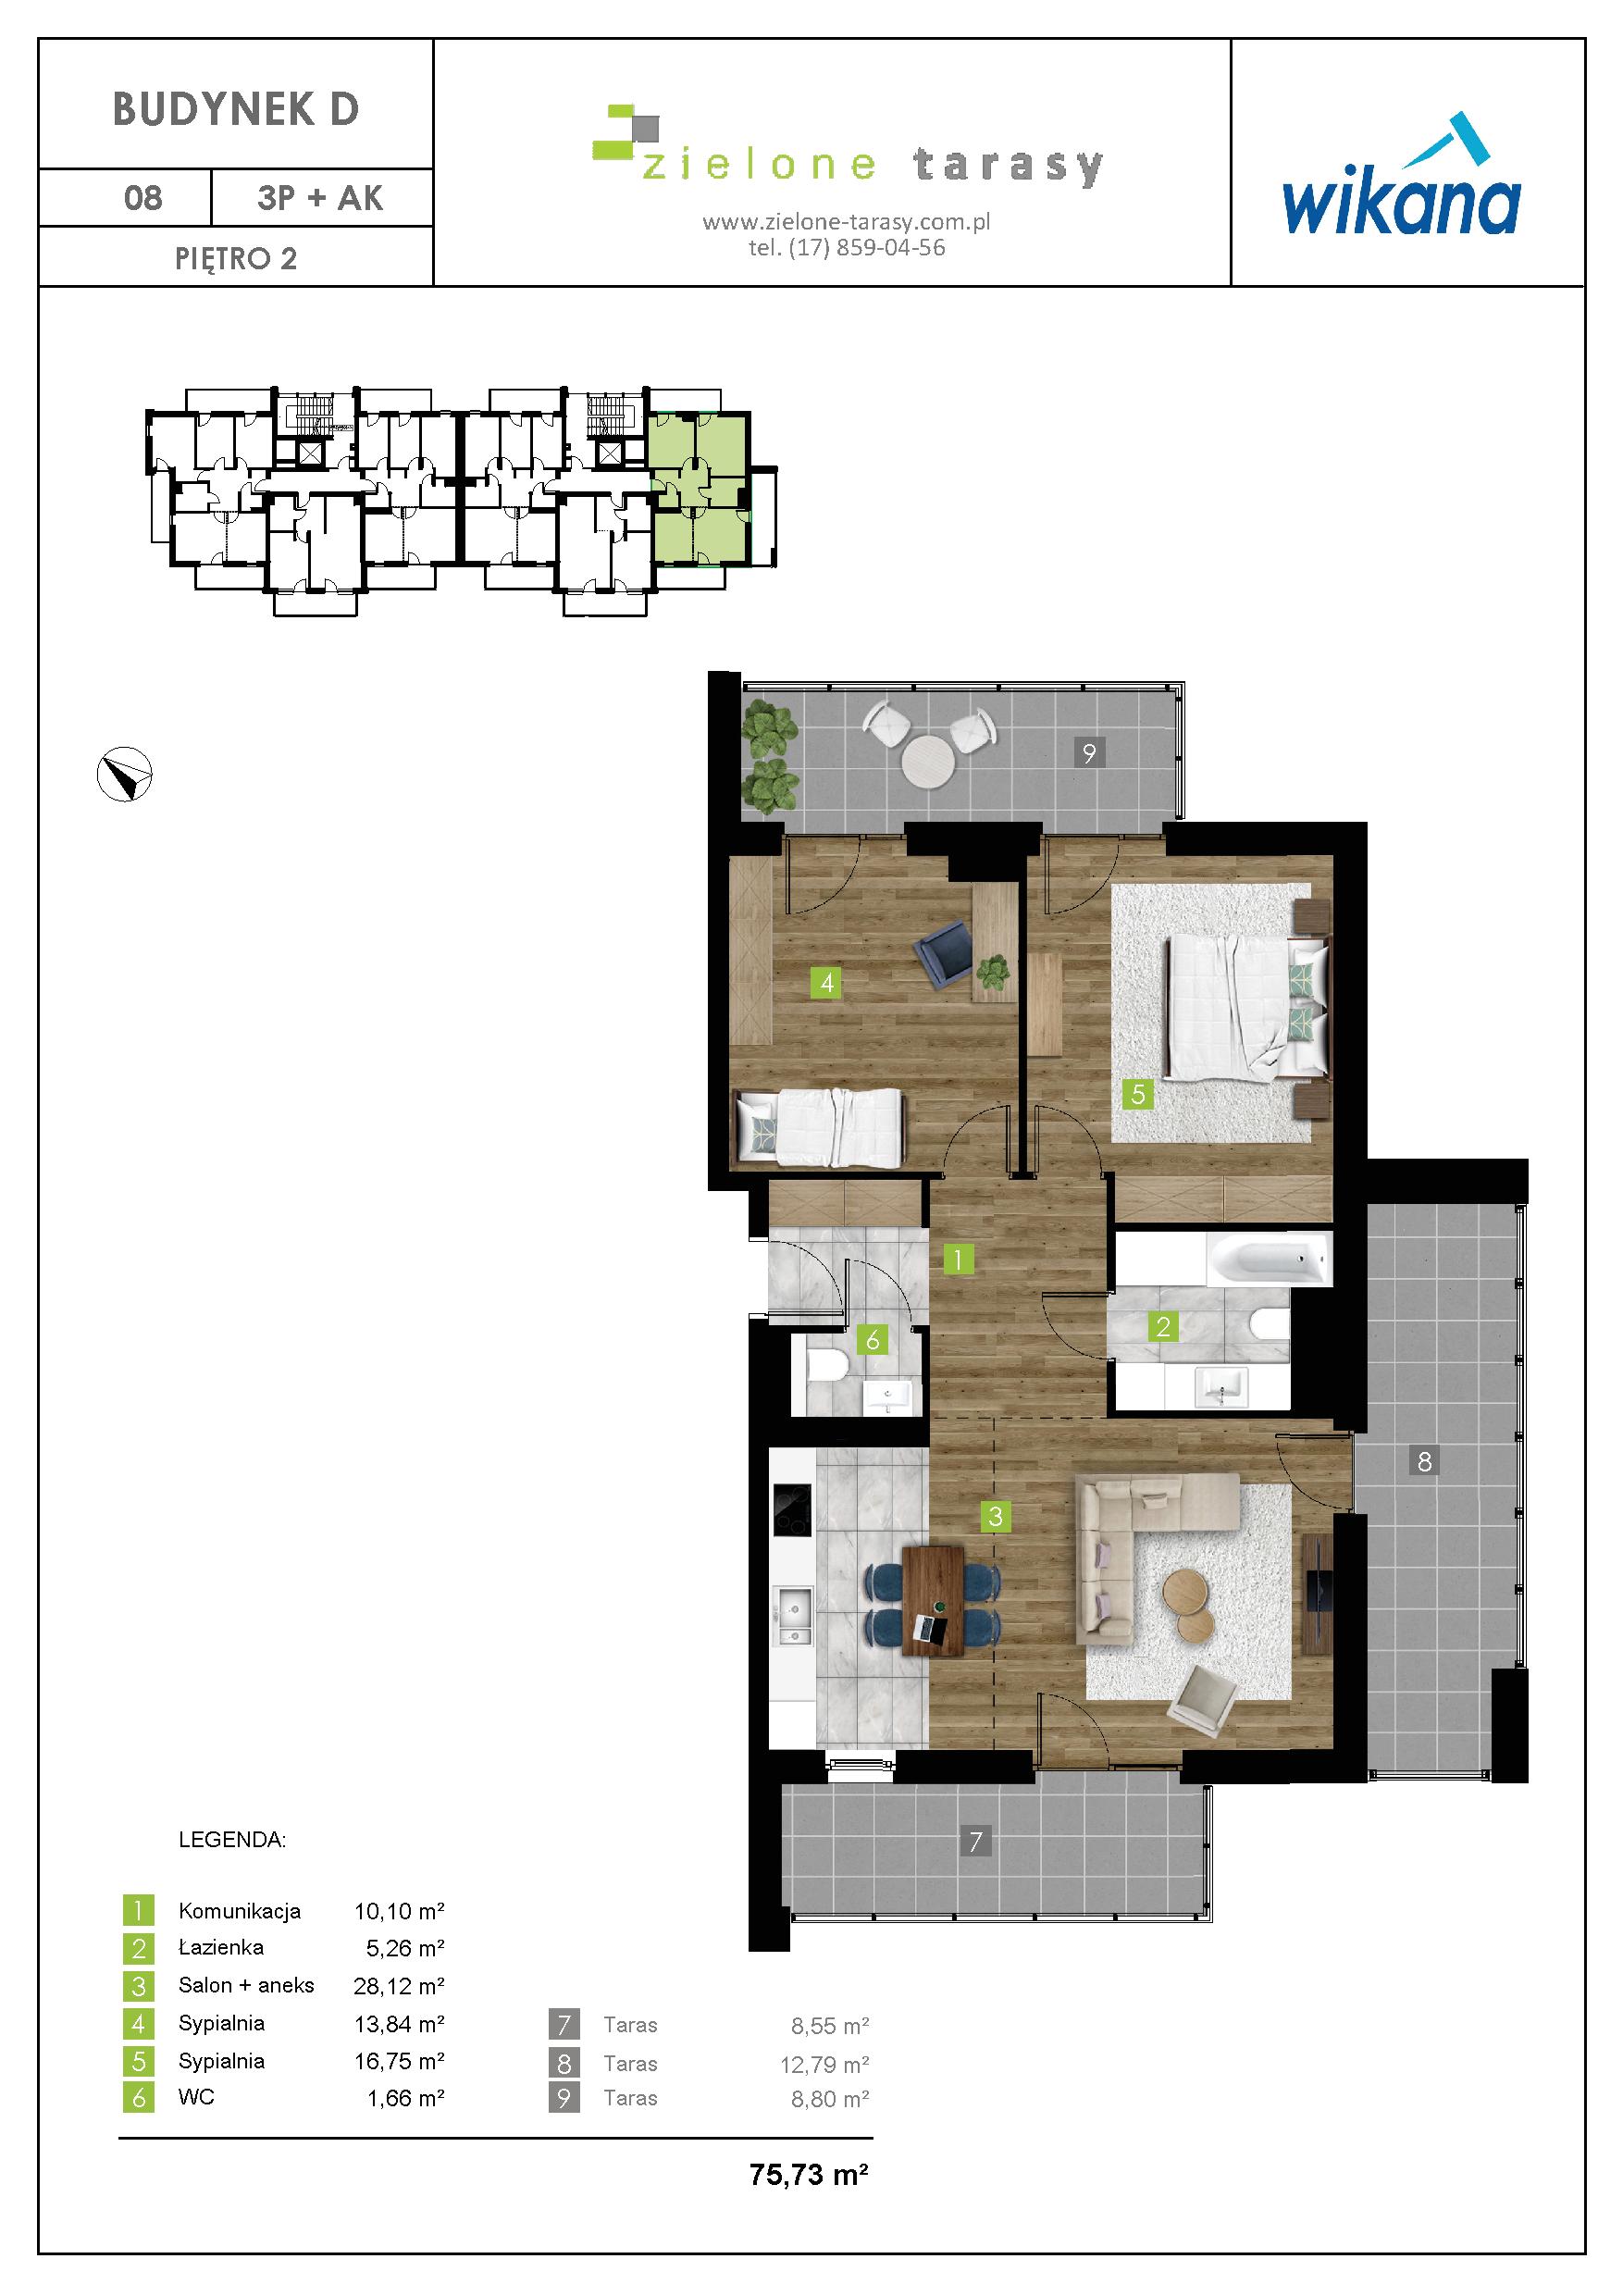 sprzedaż mieszkań rzeszów - D-08